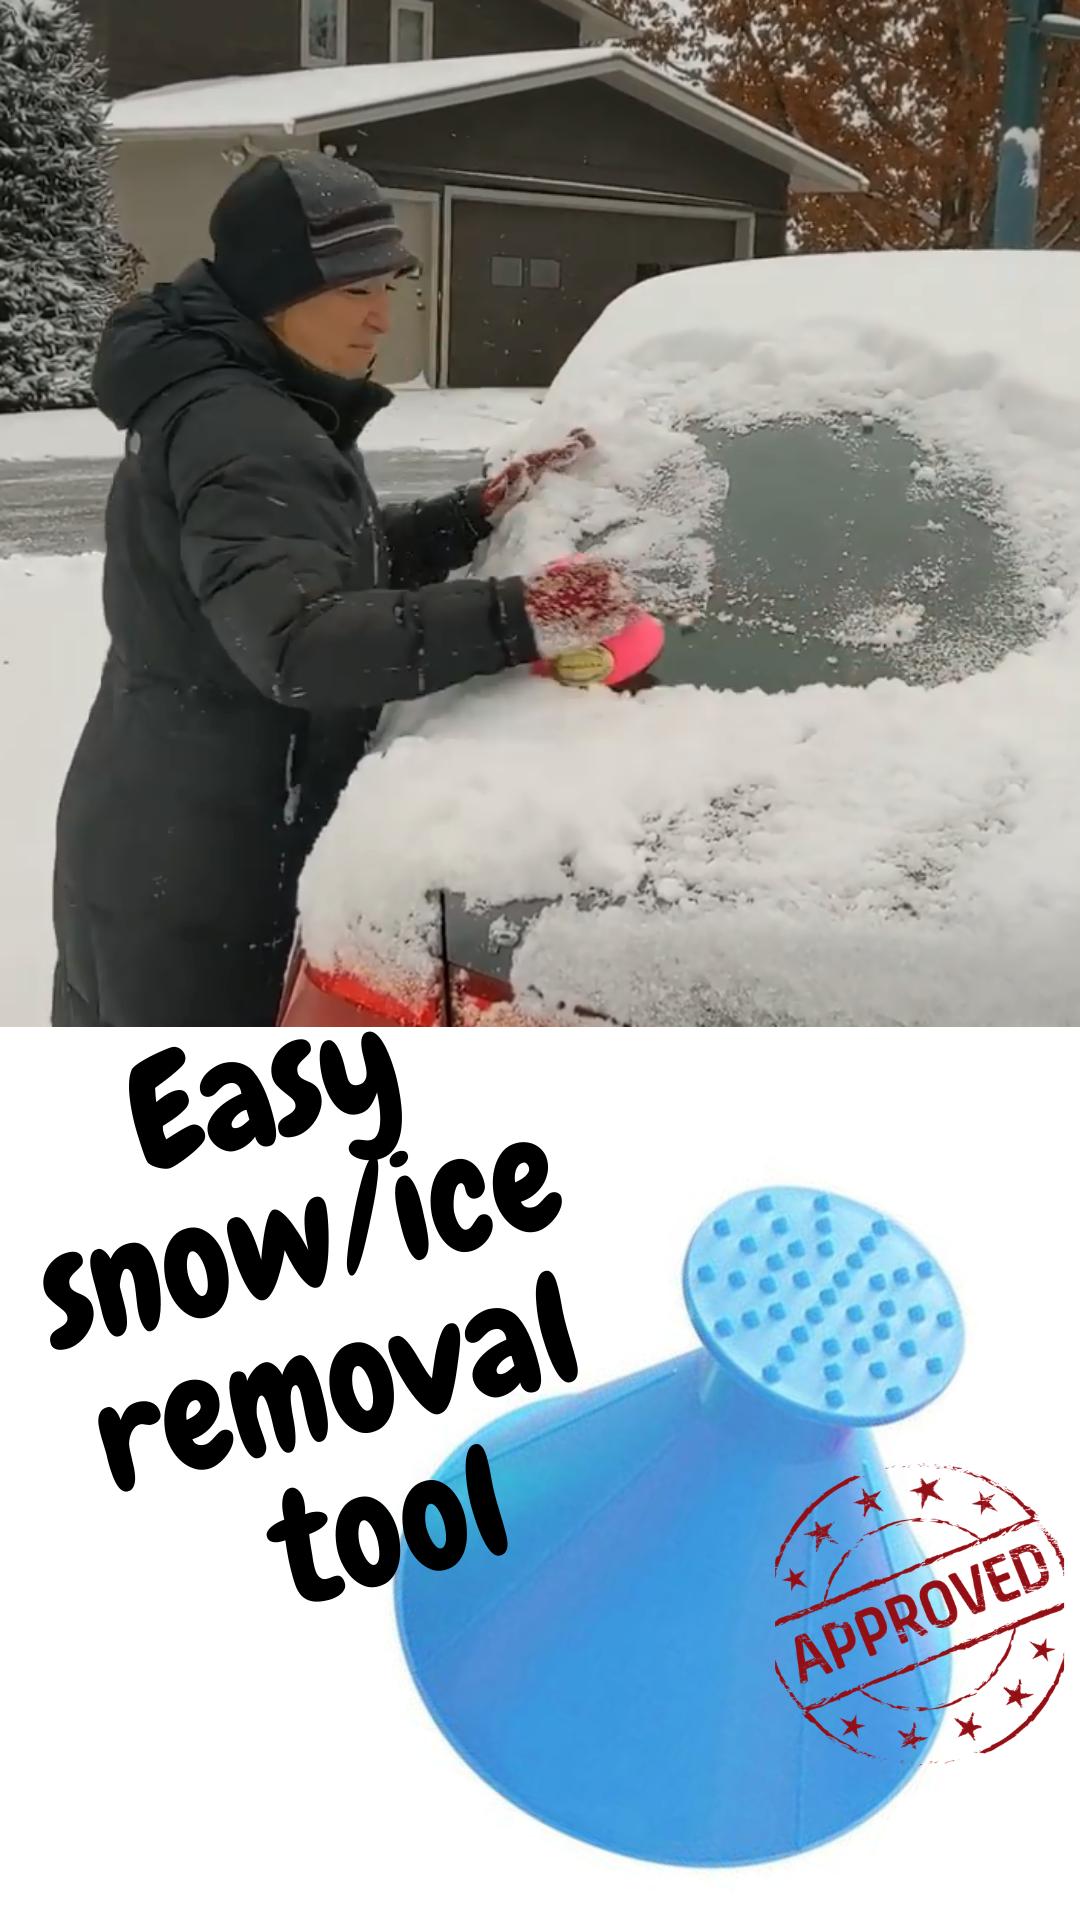 Cone Snow Removal Tool Round Ice Scraper Windshield Ice Scraper for Car Snow Removal